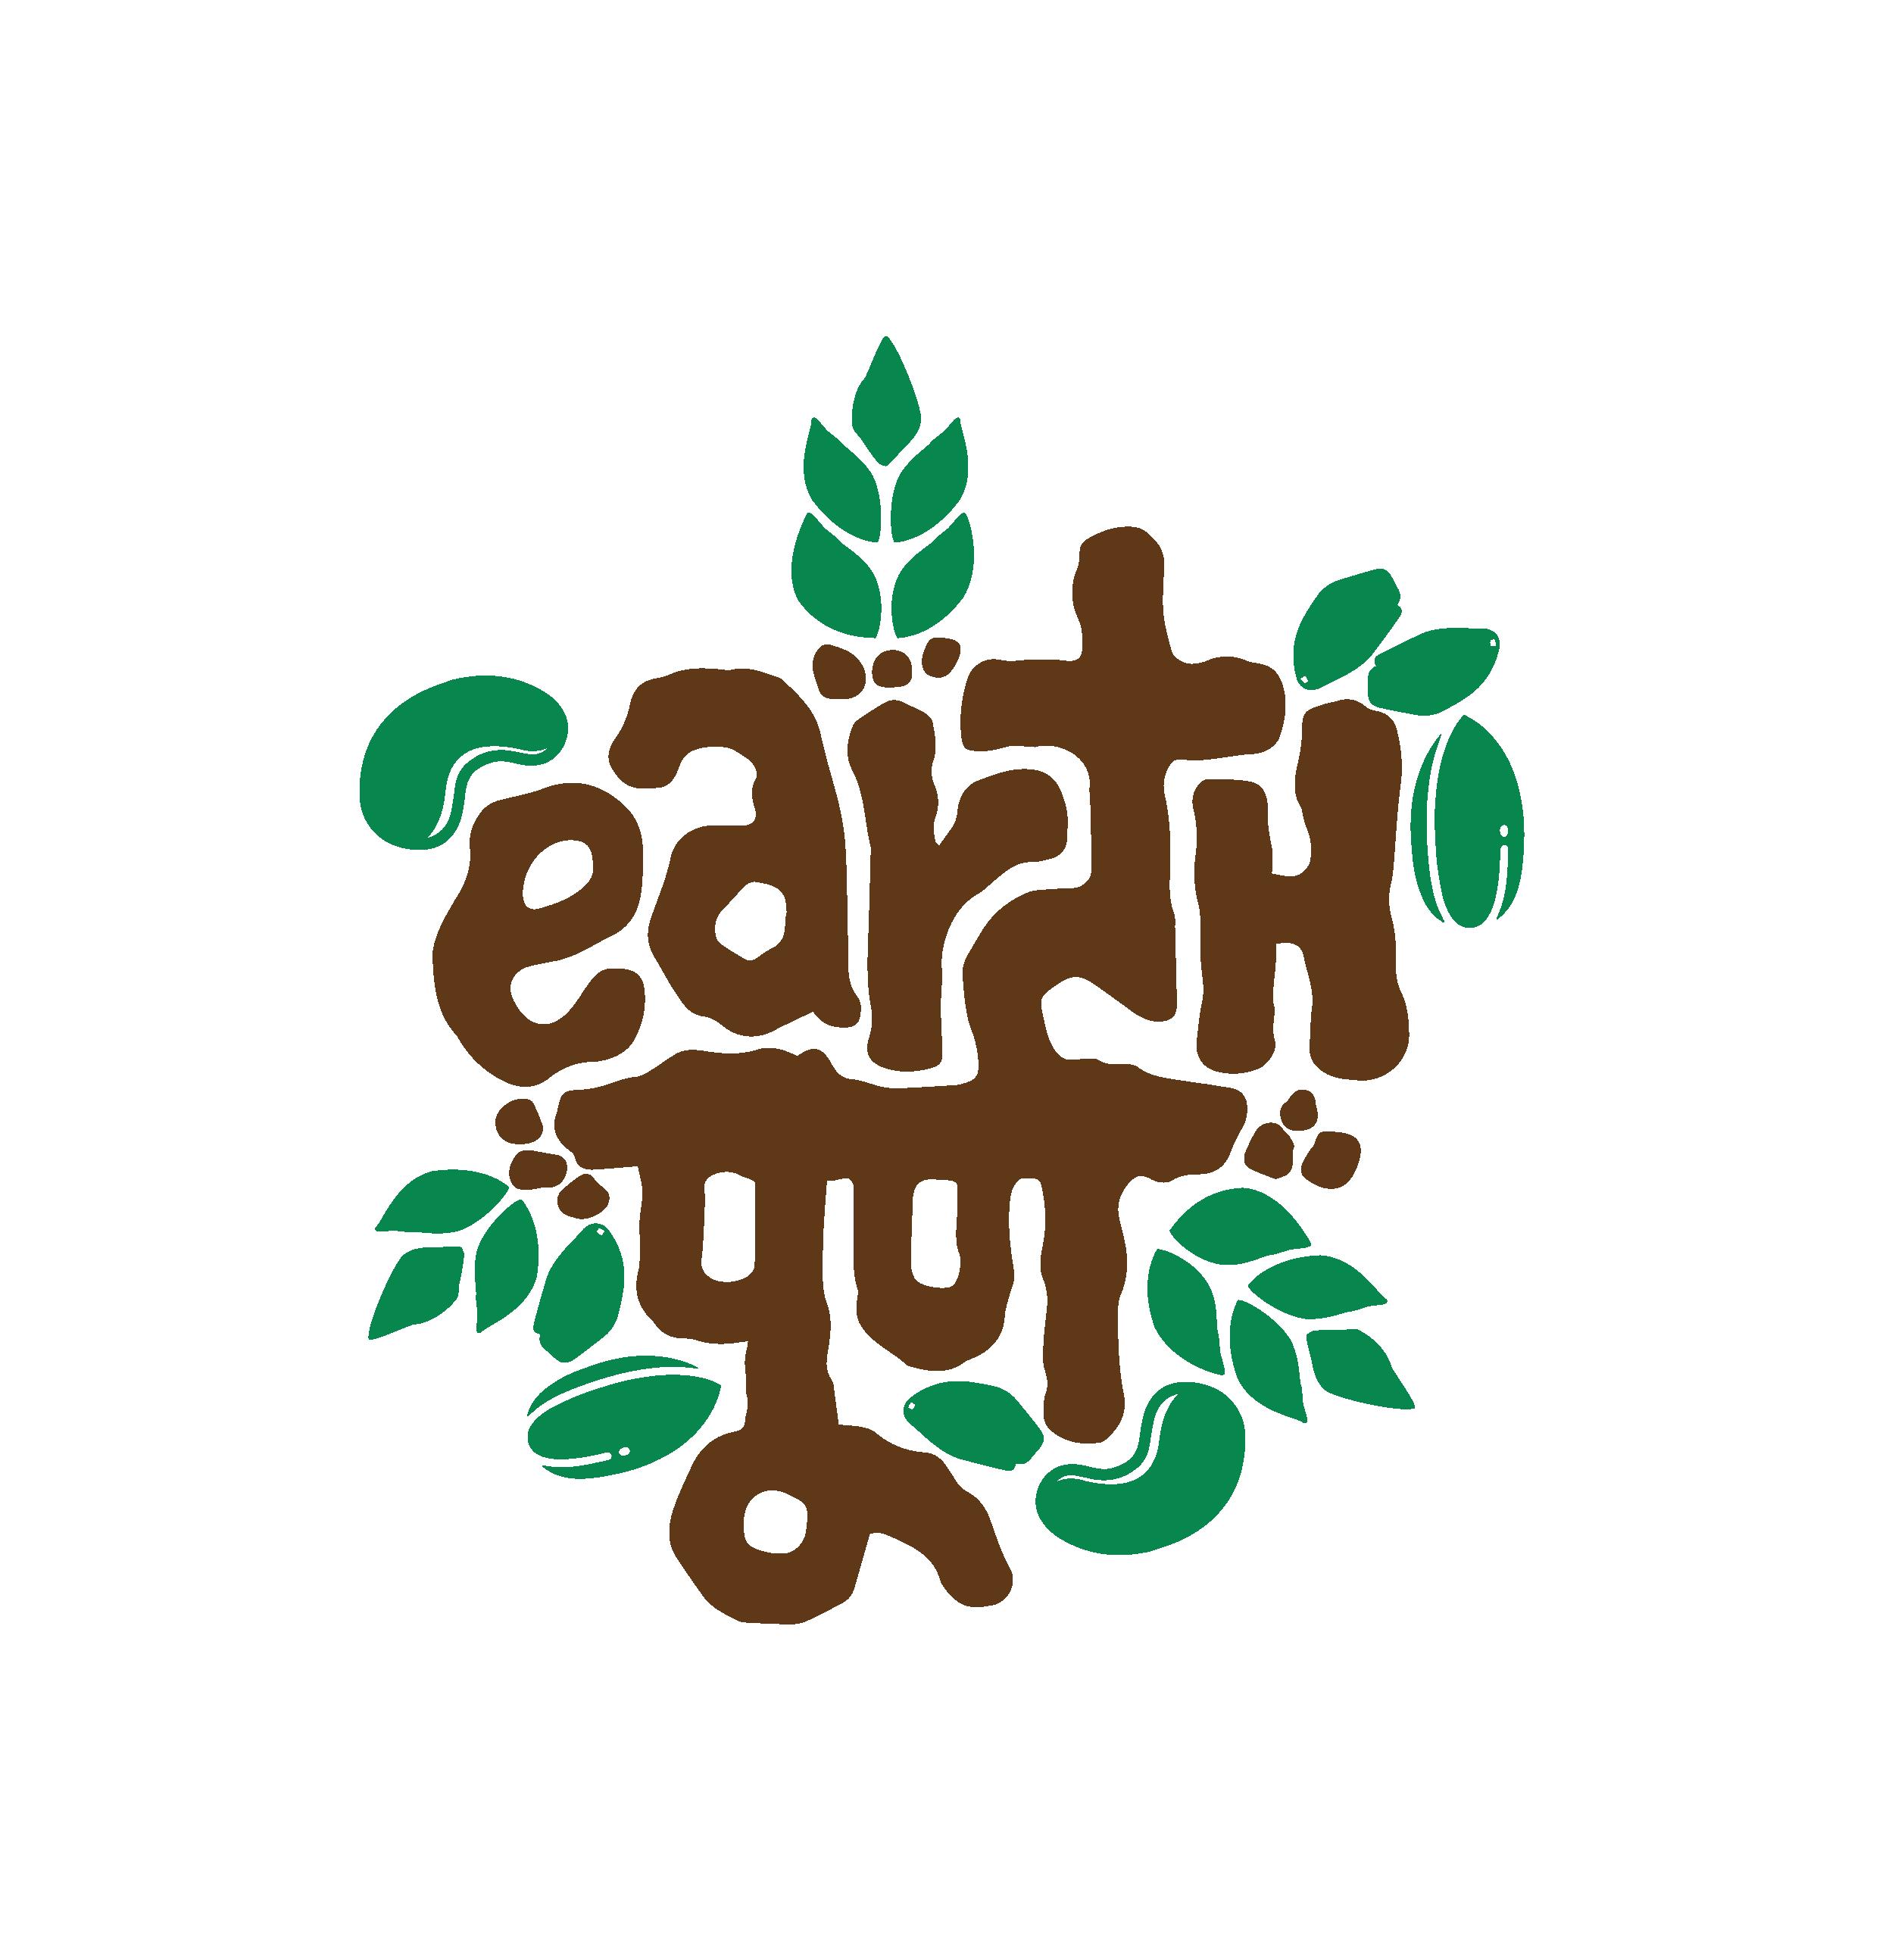 EarthPoorna